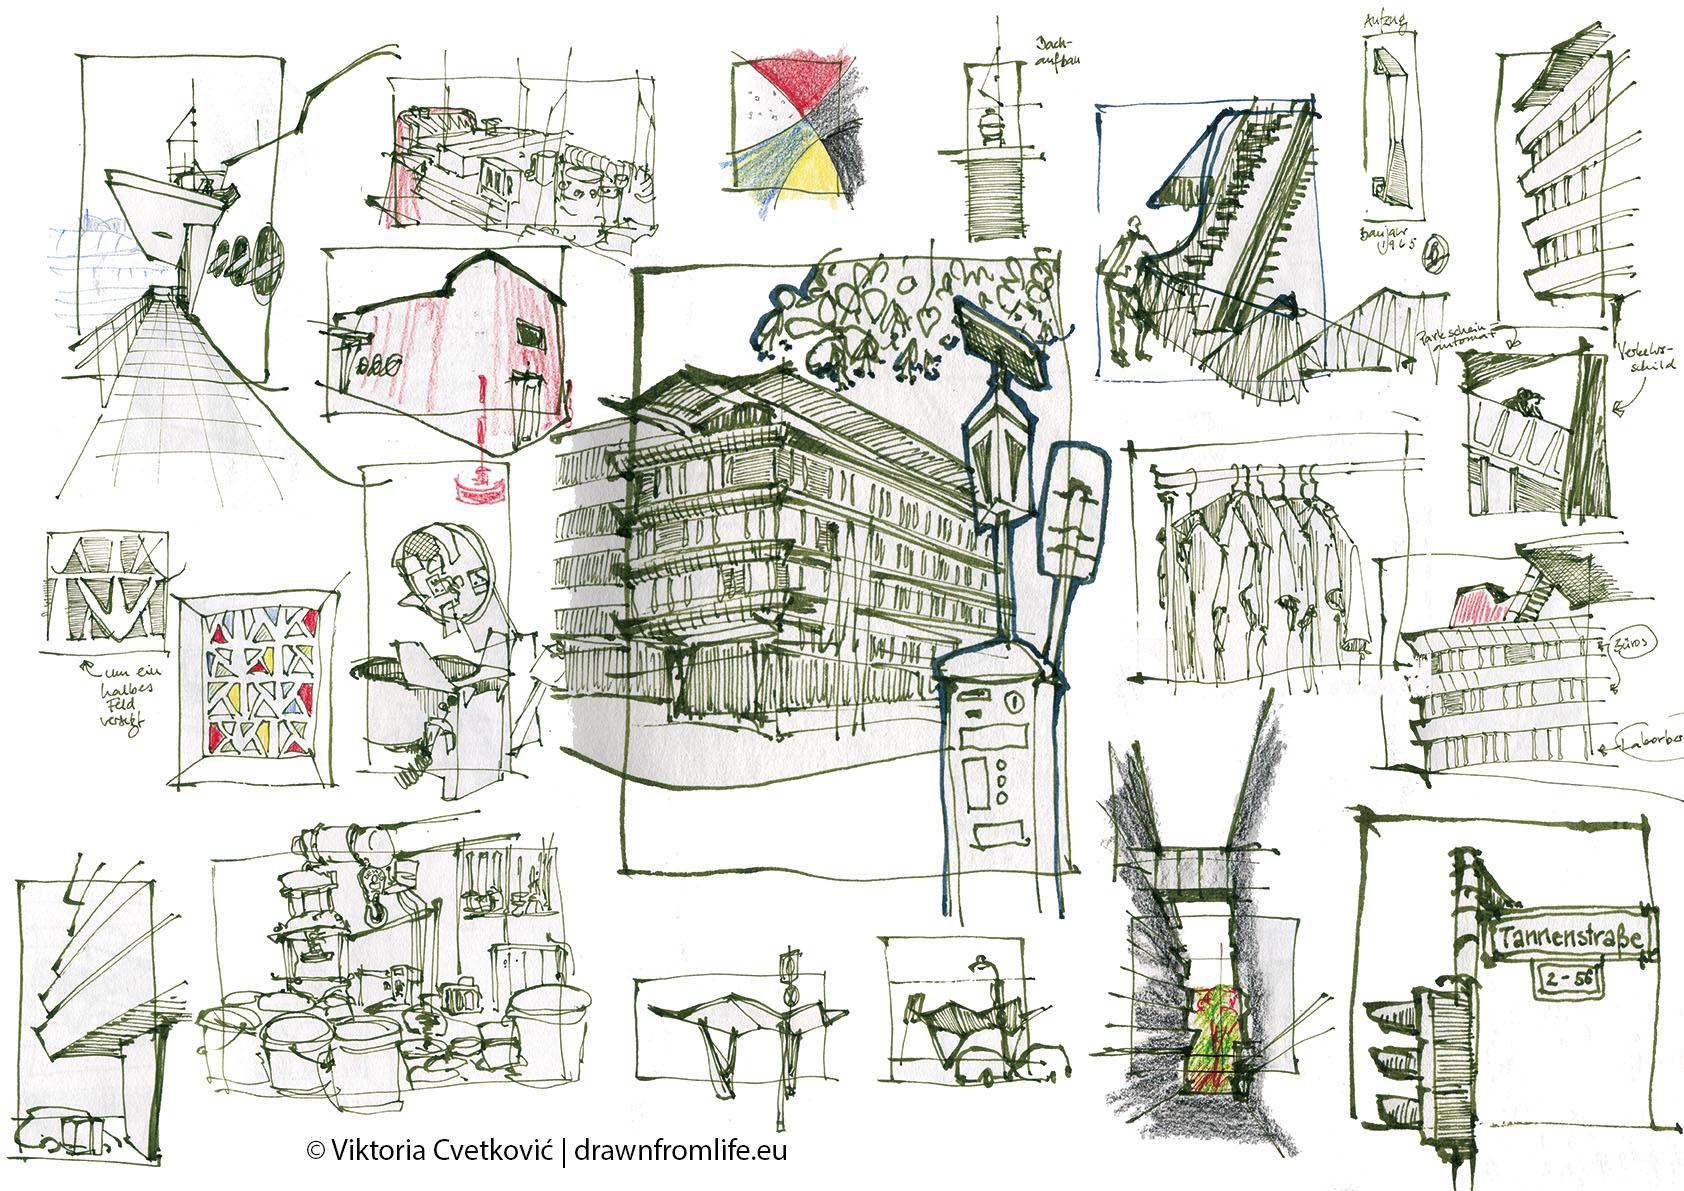 VDZ Düsseldorf © Viktoria Cvetković | drawnfromlife.eu